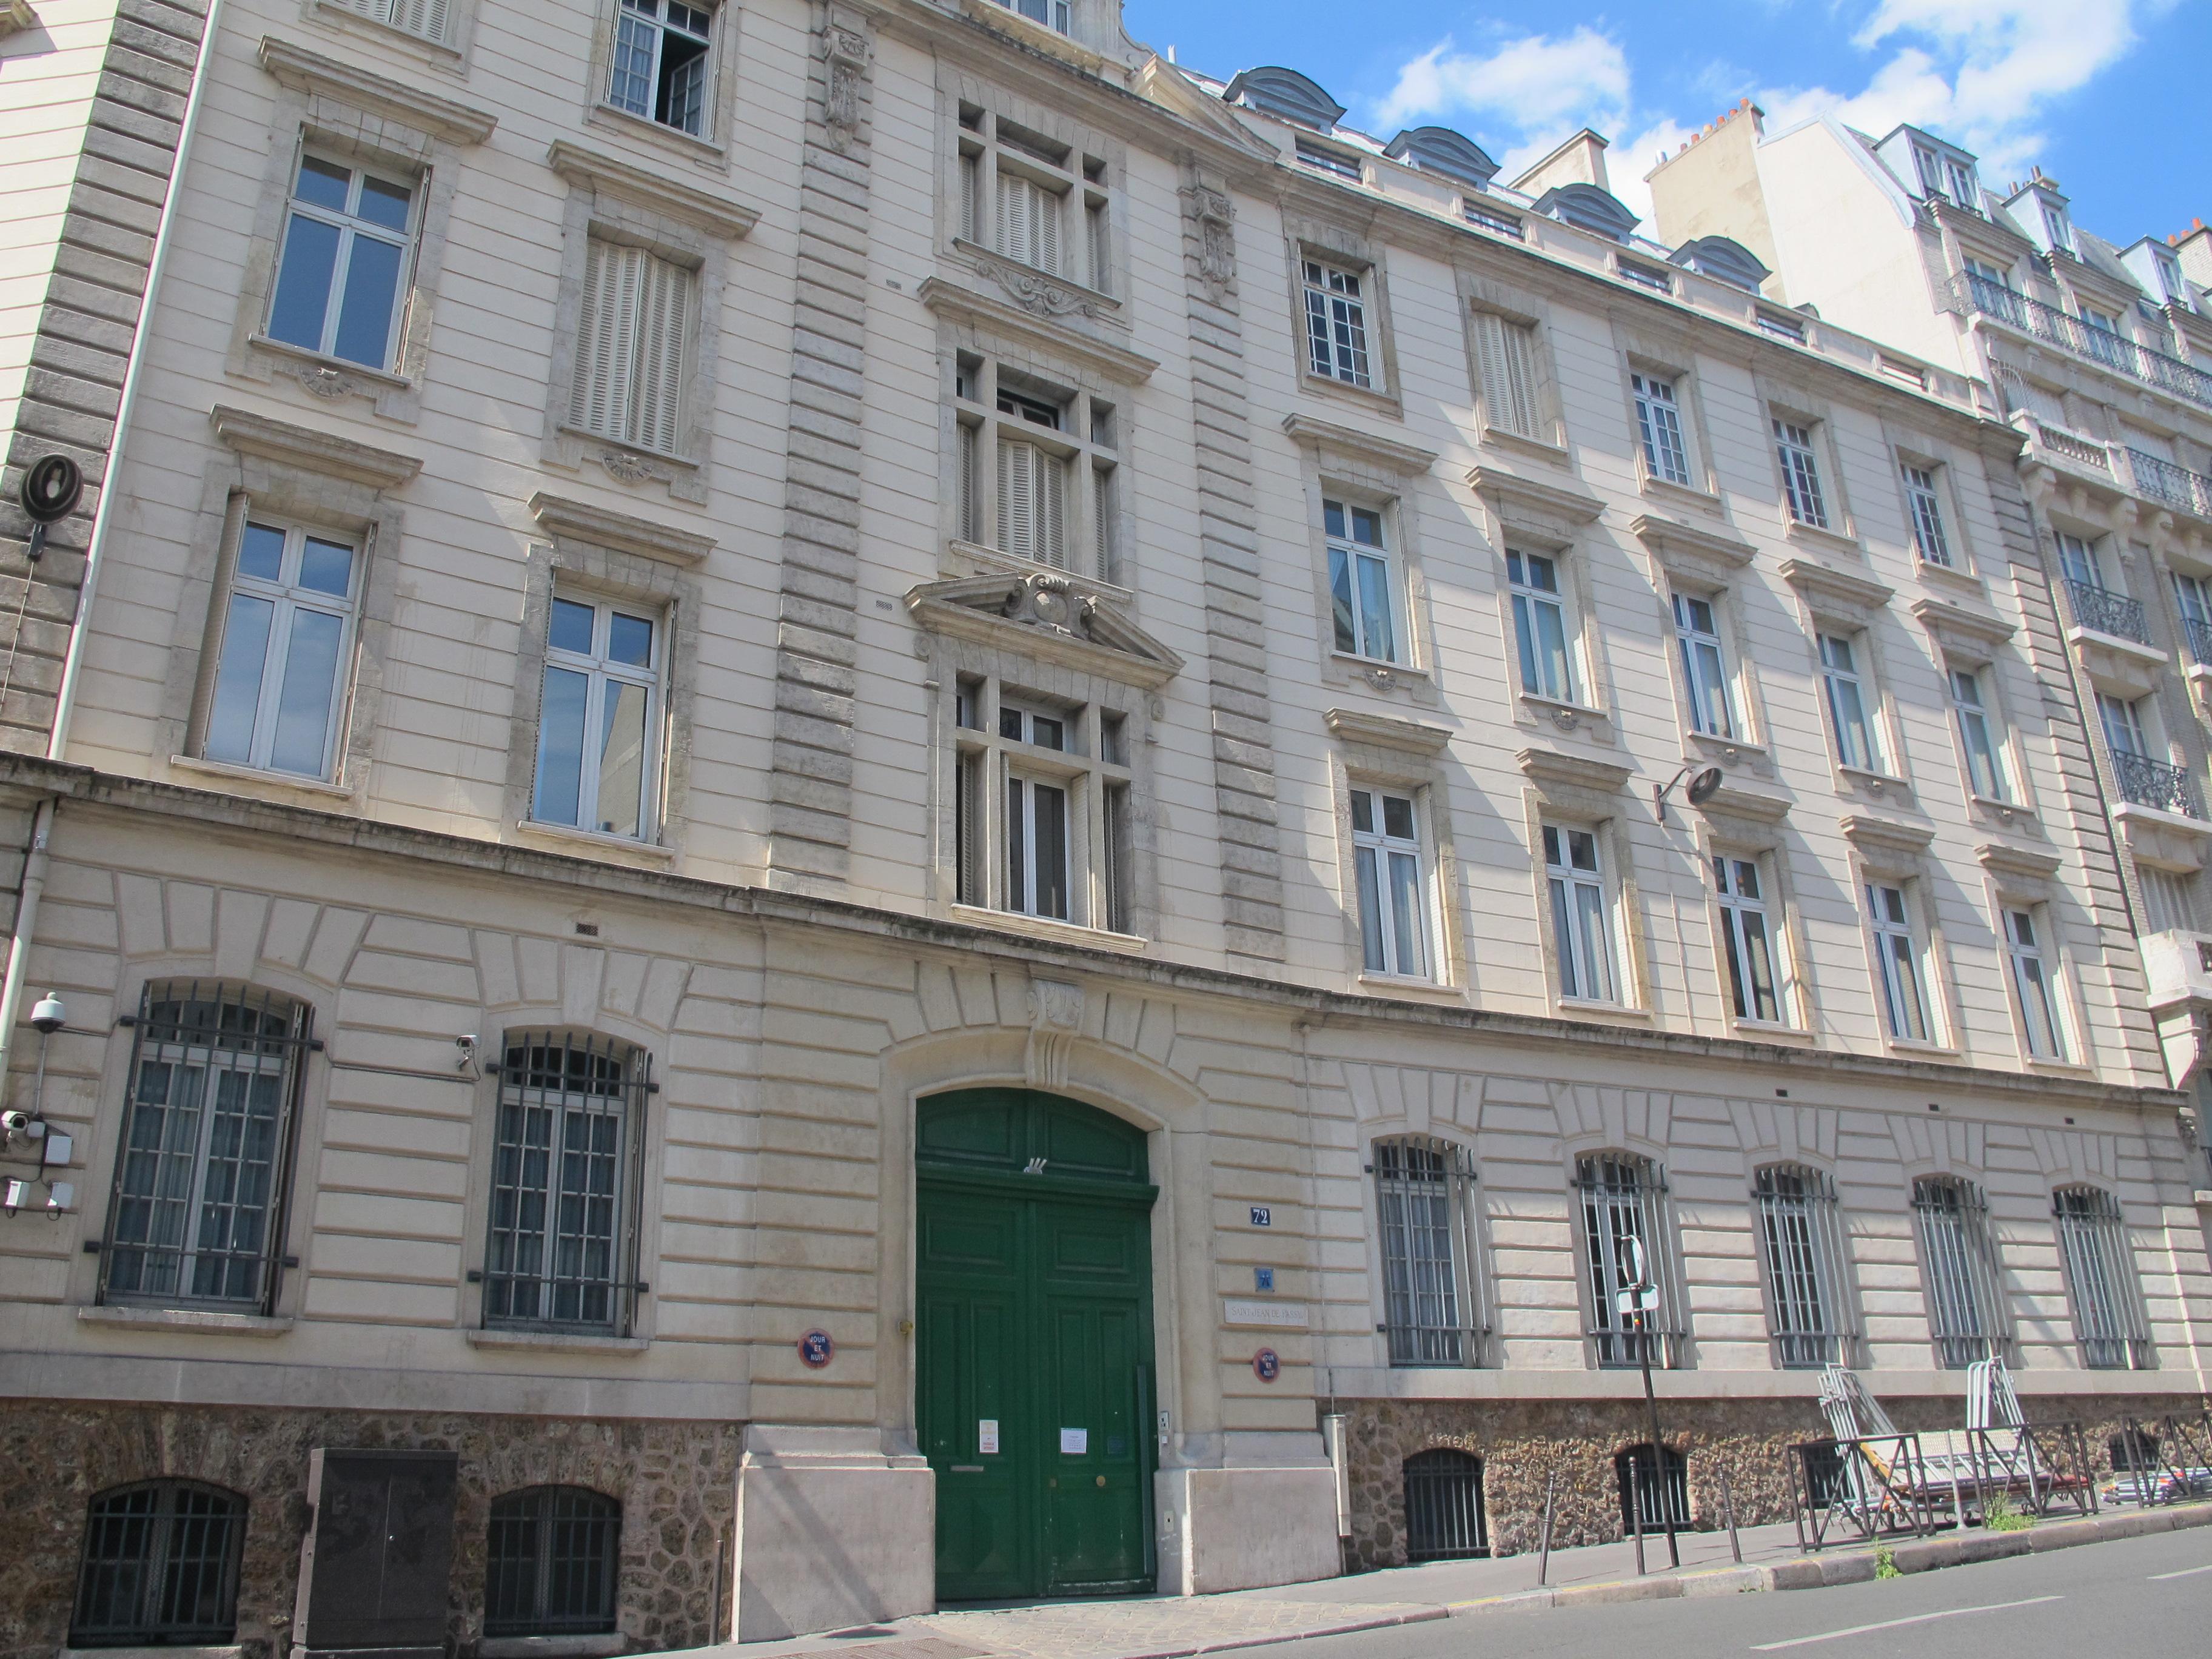 Hotel St Vincent Paris